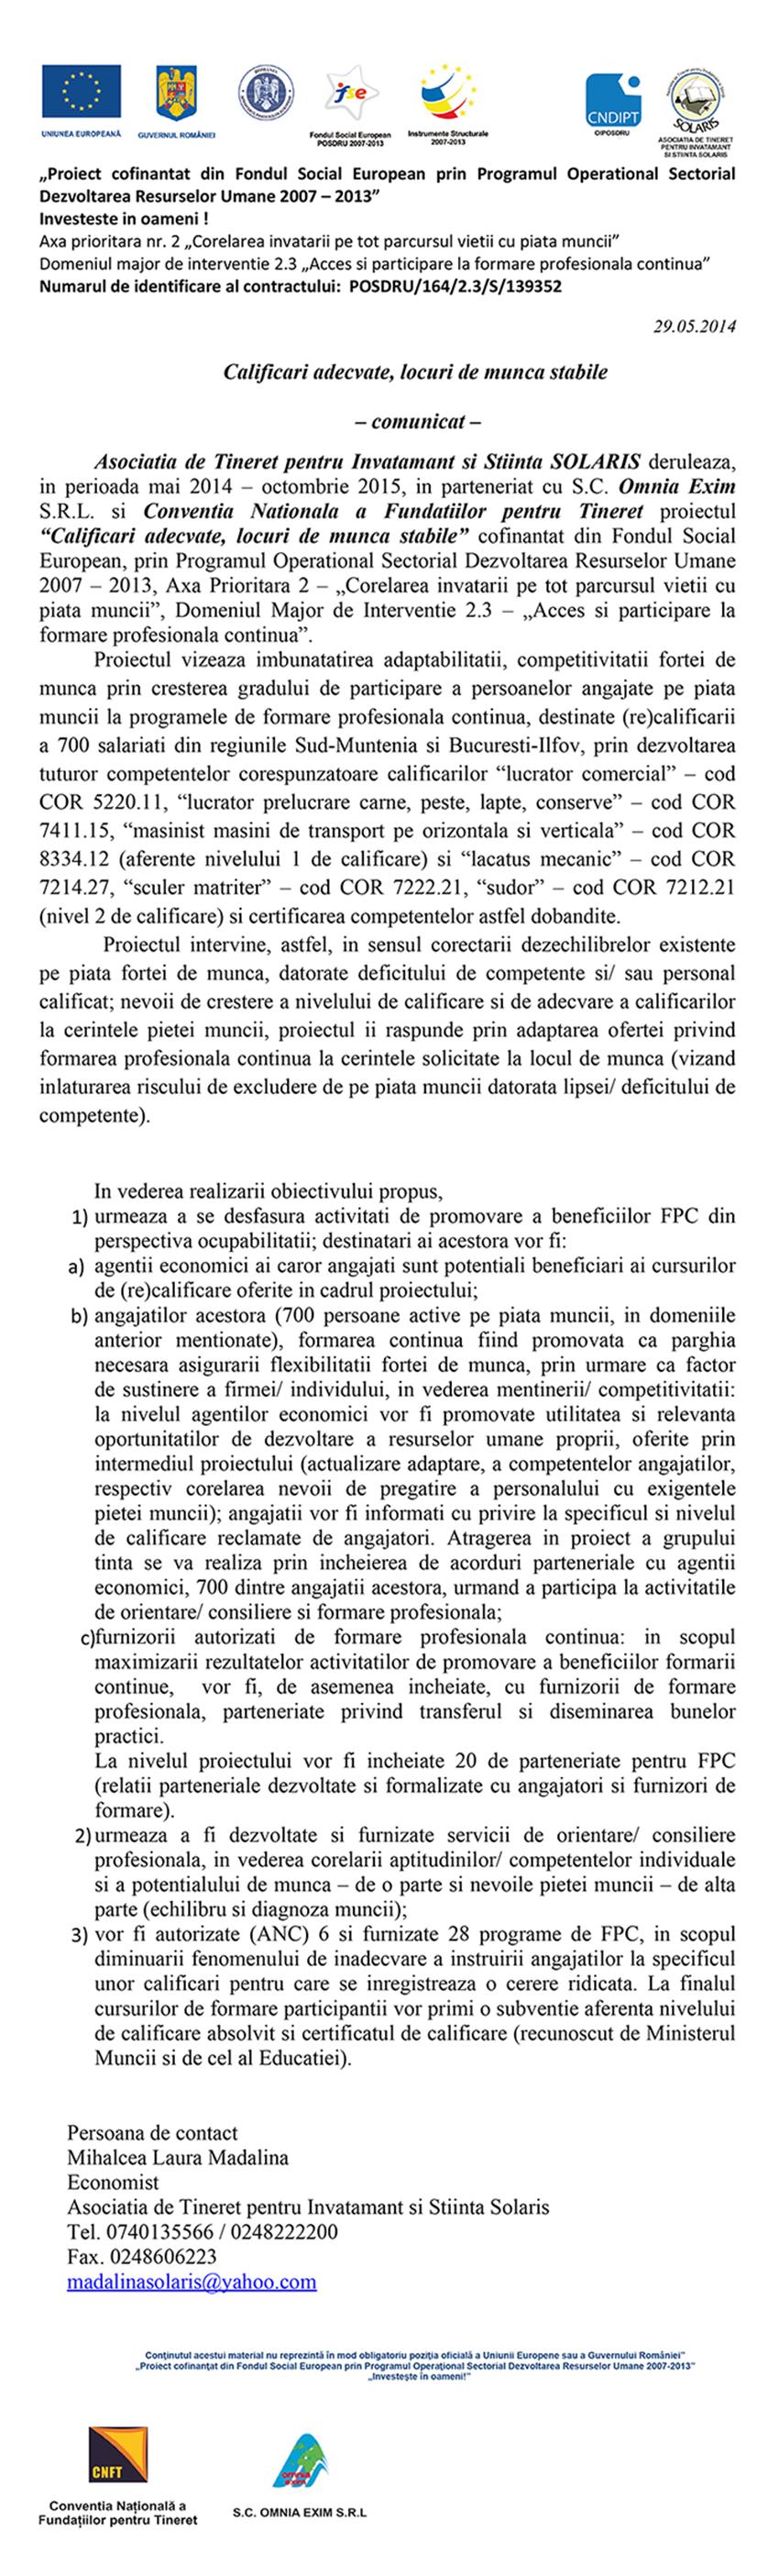 comunicat-demarare-1128-05